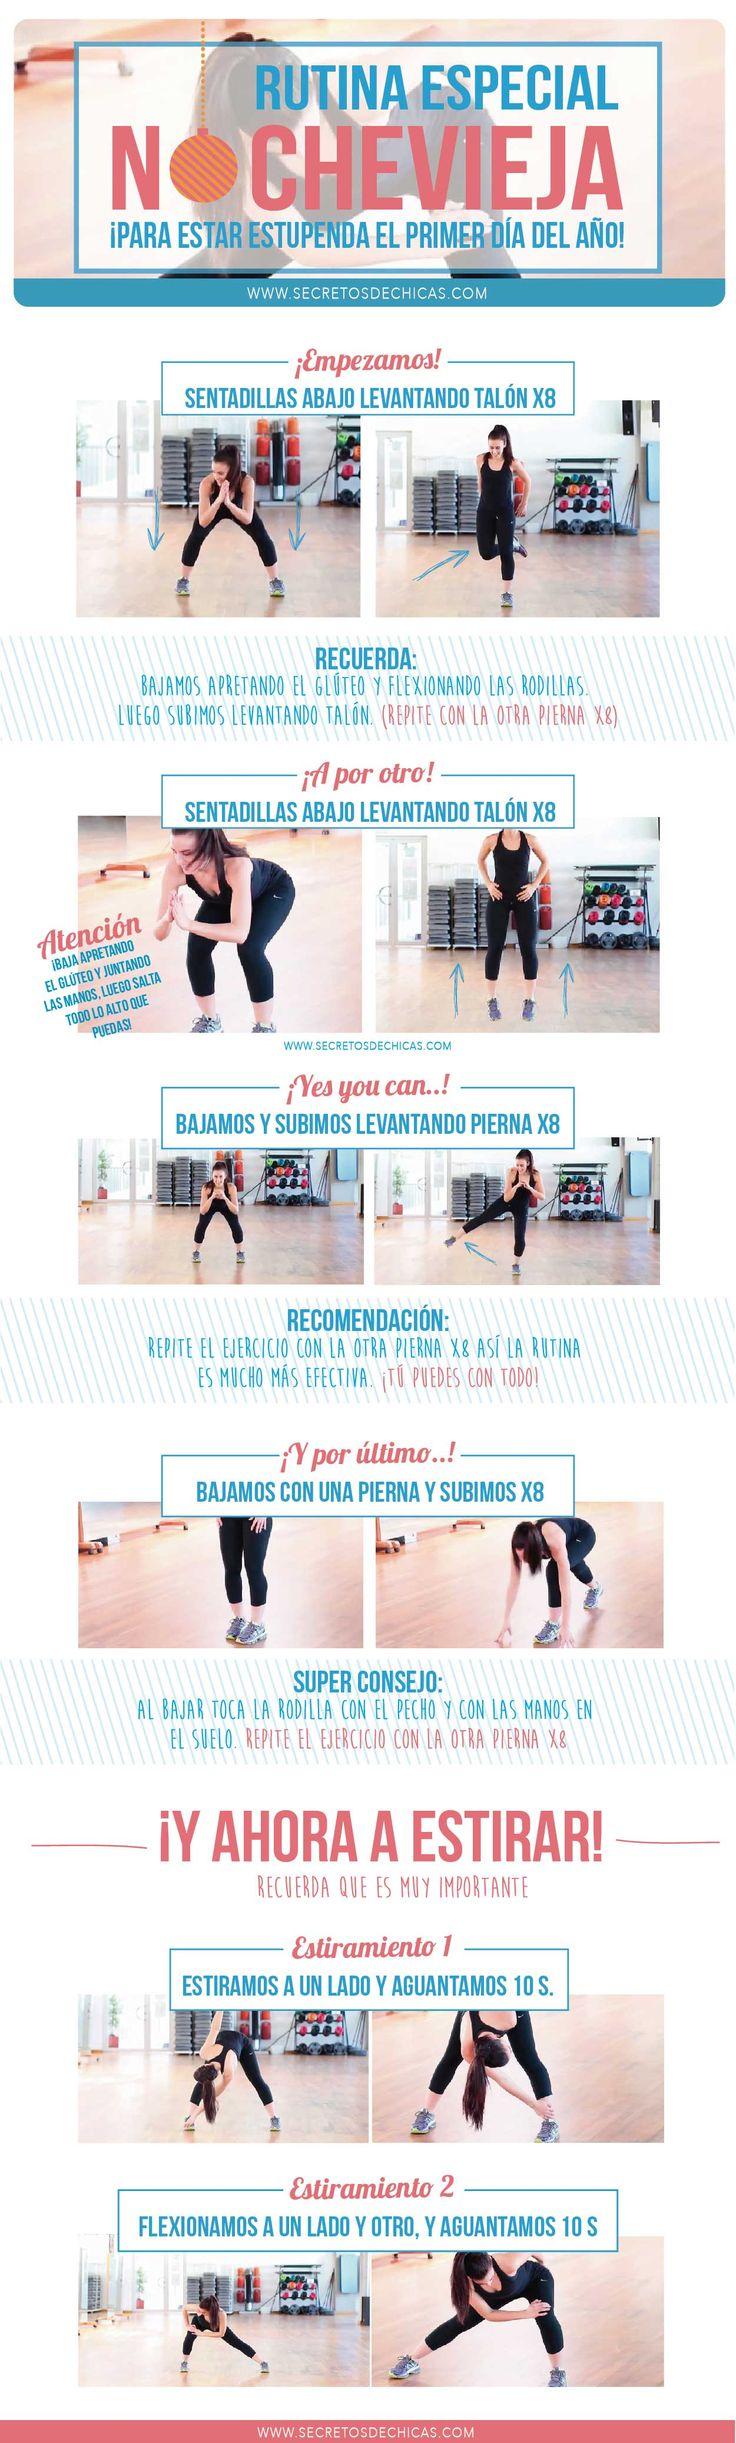 rutina de ejercicio recortado